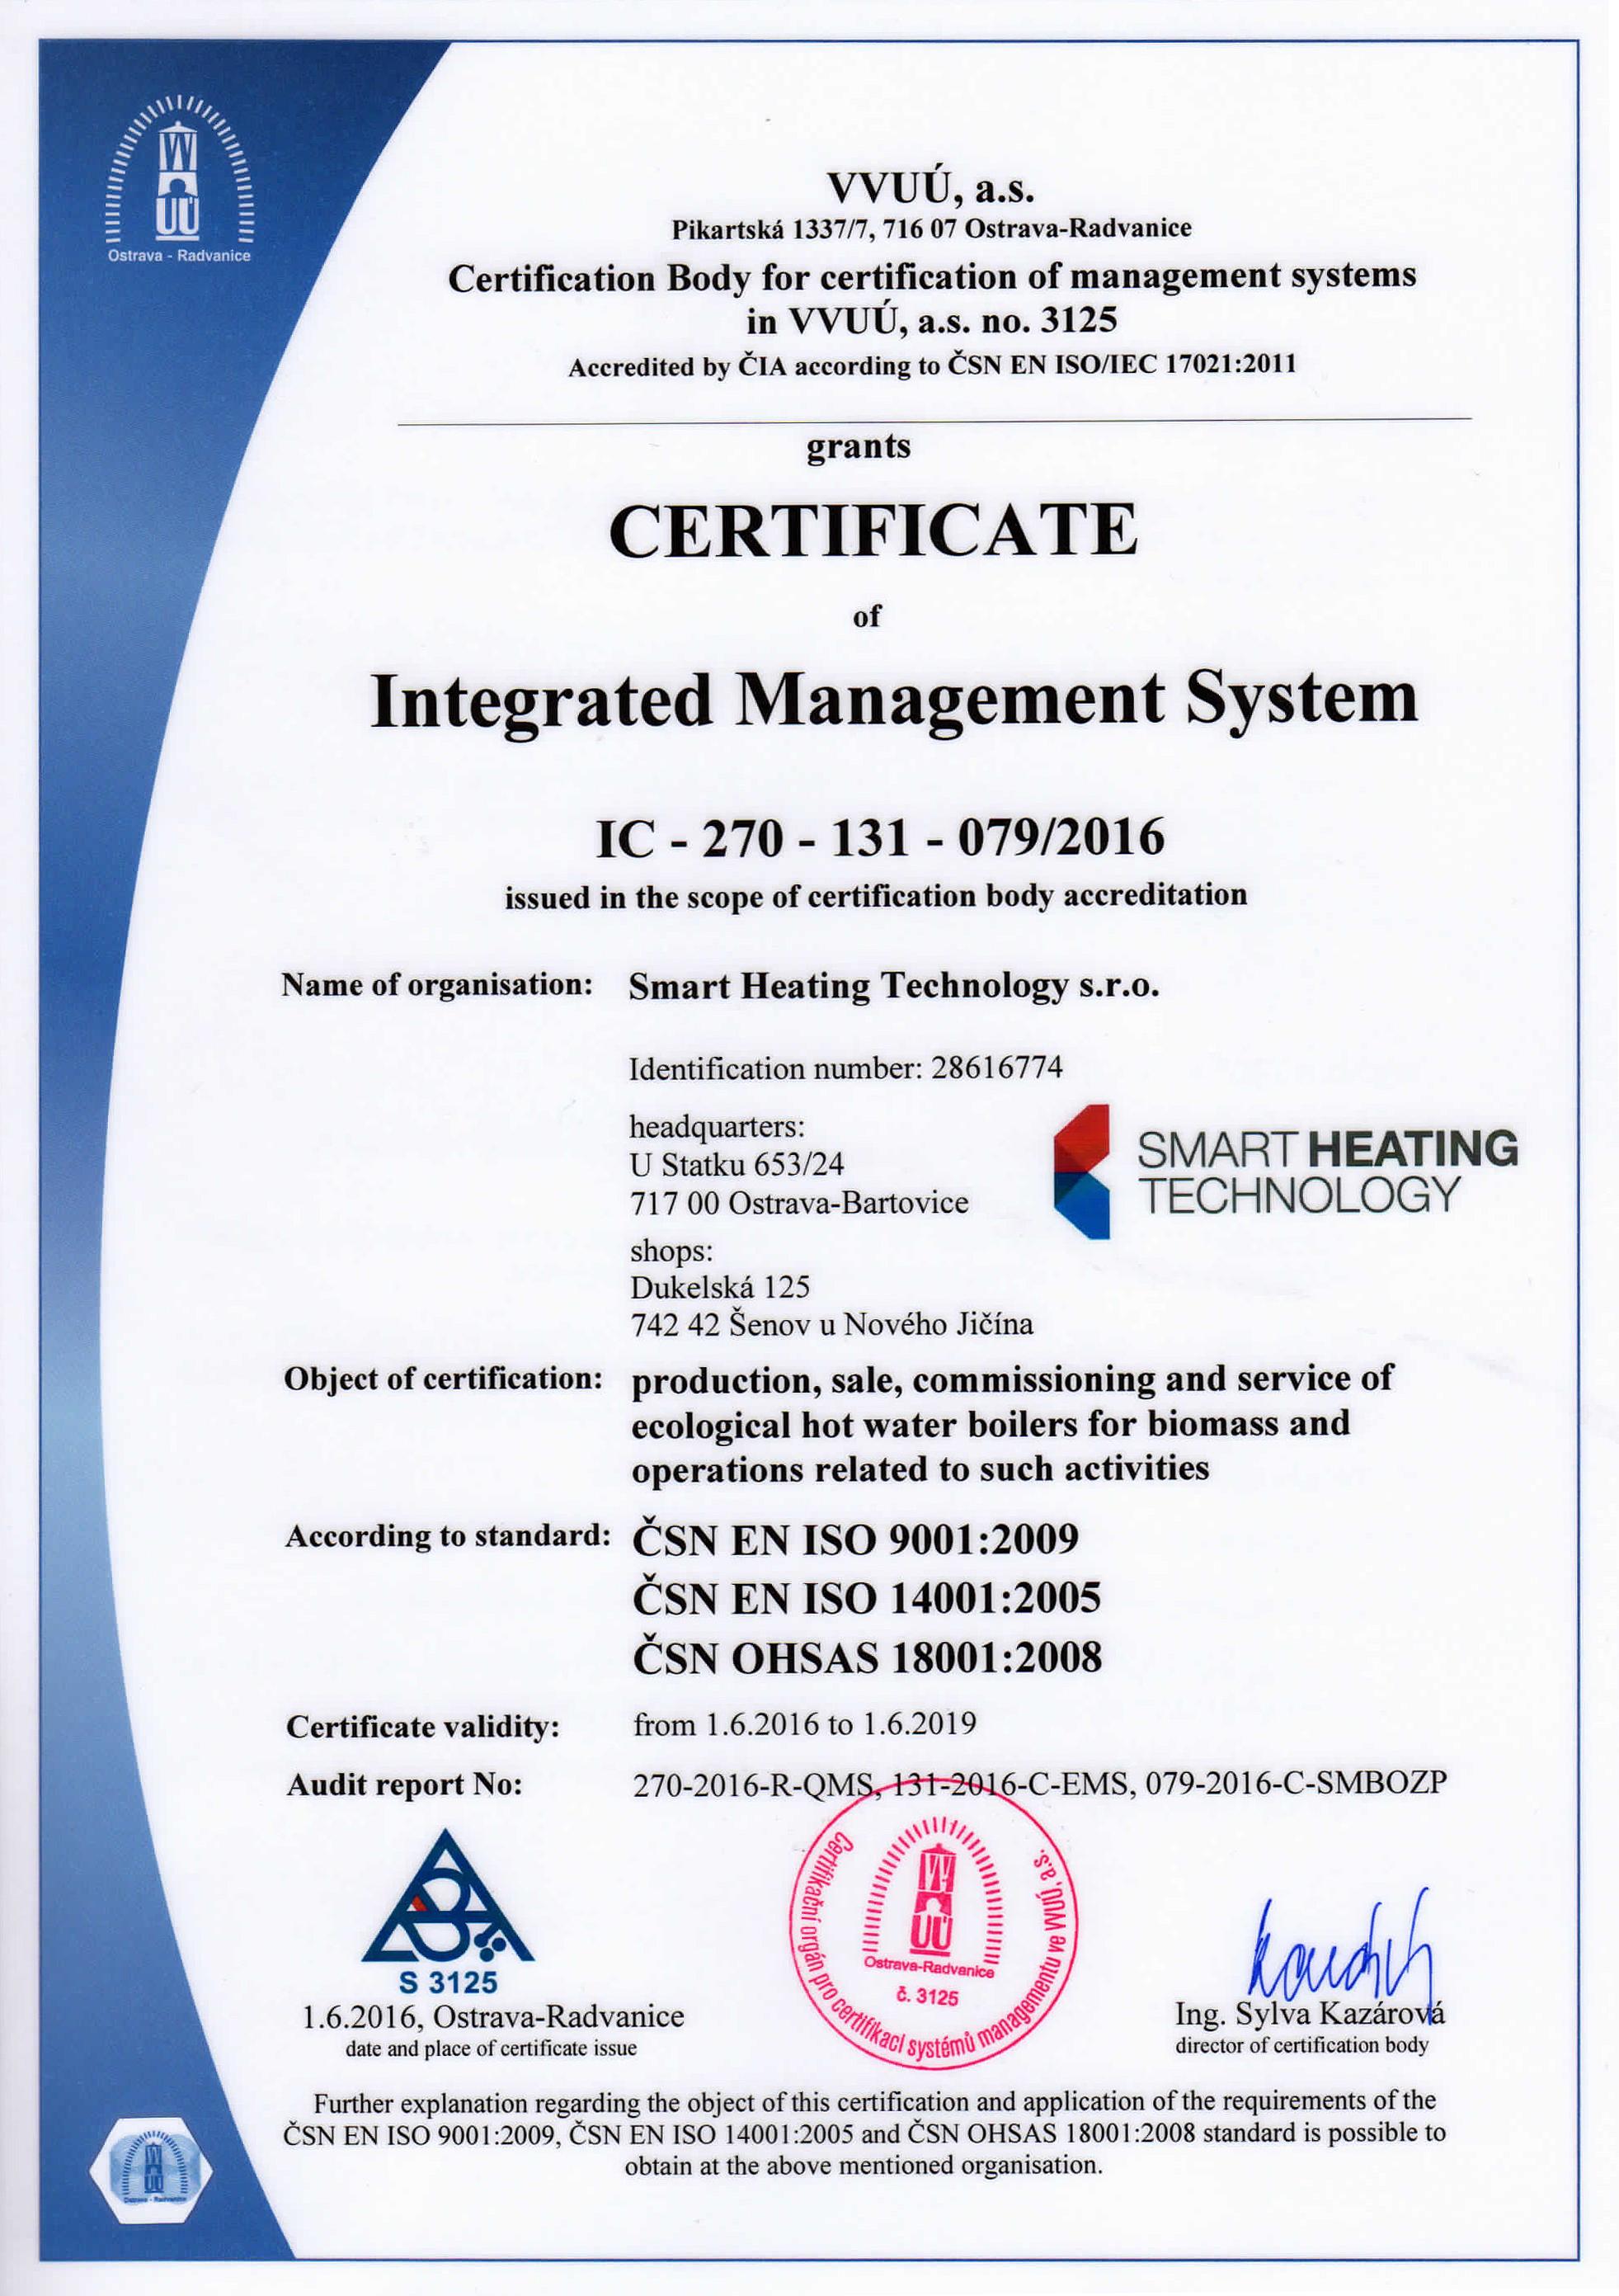 certifikat-ic_270_131_079_2016-eng